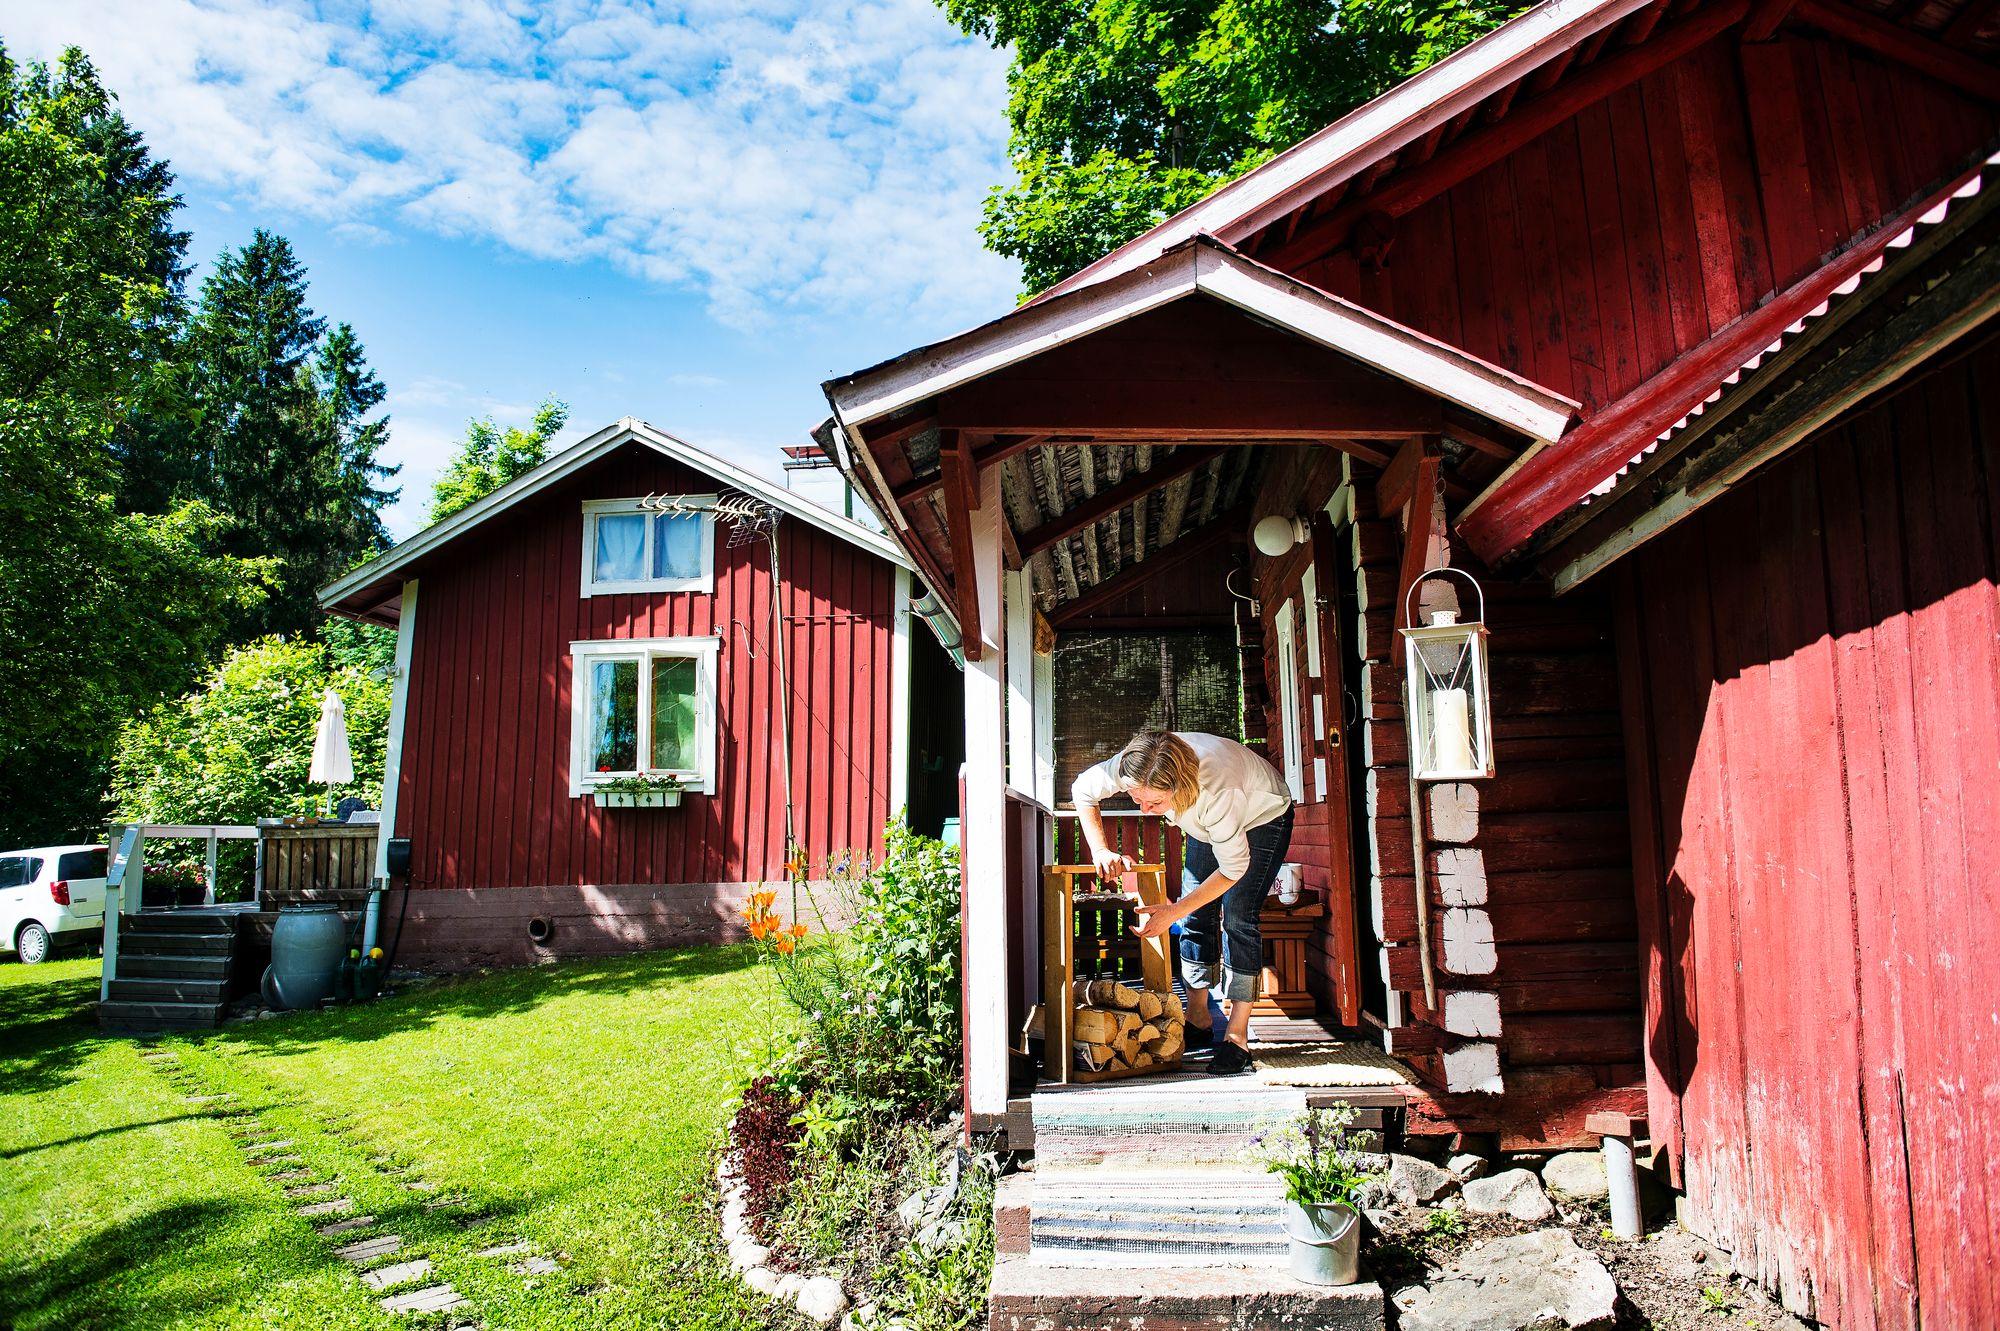 Entisaikain elämä on torpalla läsnä: kantovesi ja puilla lämpiävät tupa ja sauna. © Ari Heinonen/Otavamedia